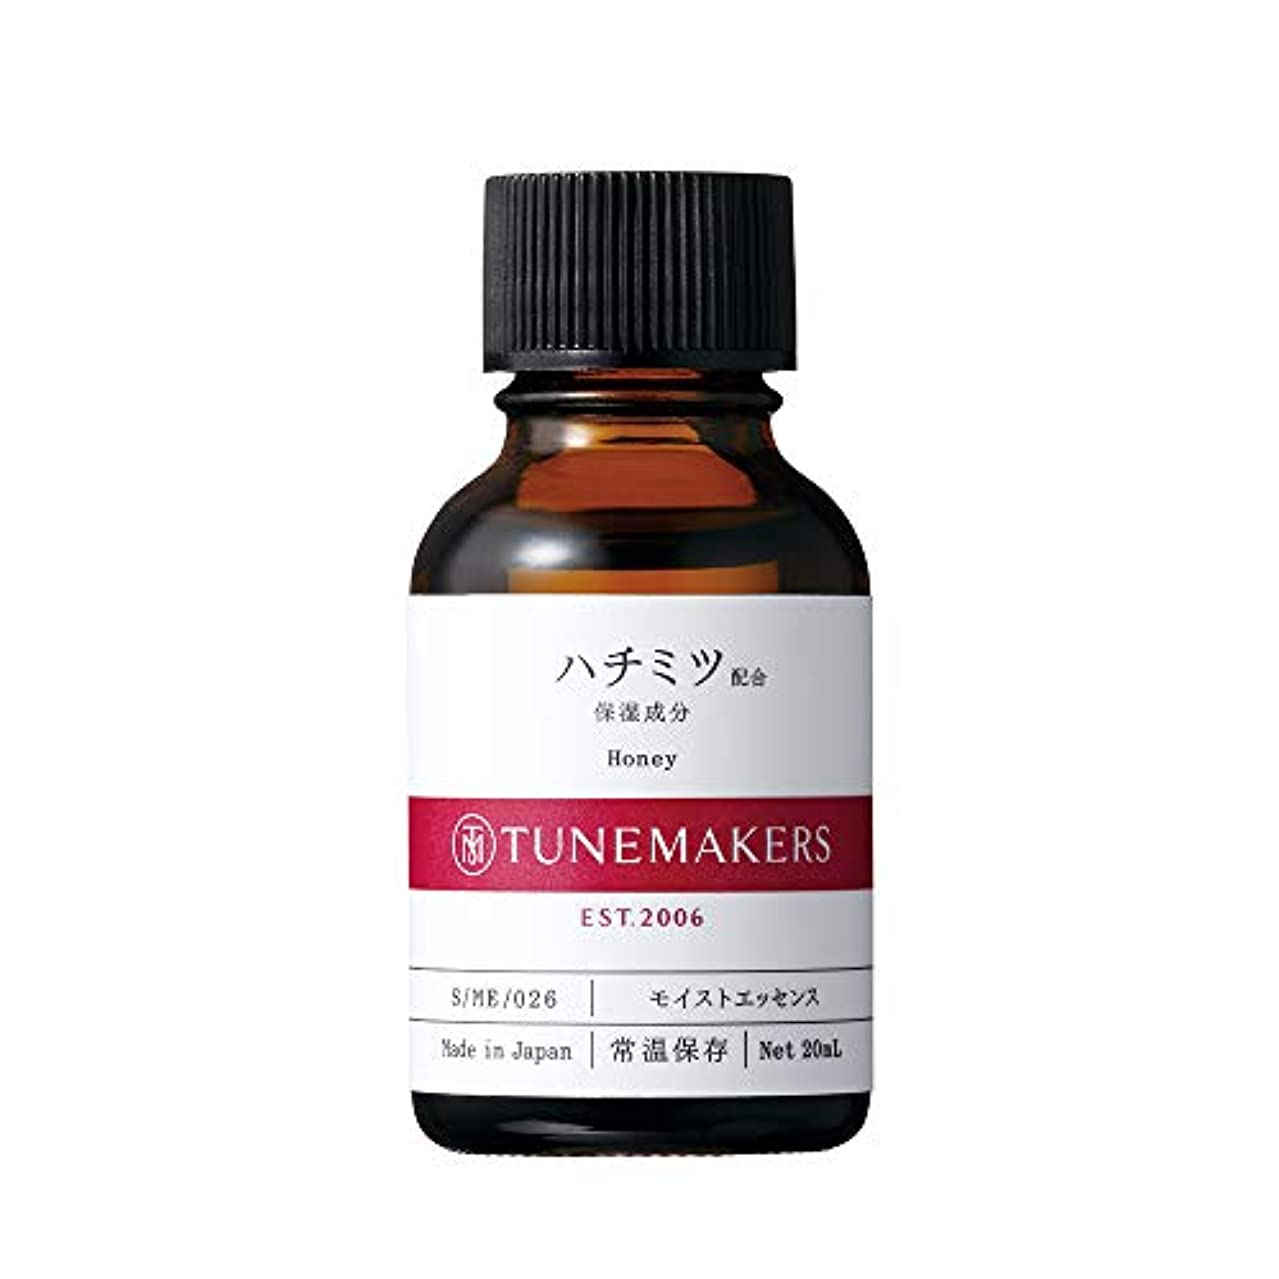 カスタム再生性的TUNEMAKERS(チューンメーカーズ) ハチミツ 美容液 20ml